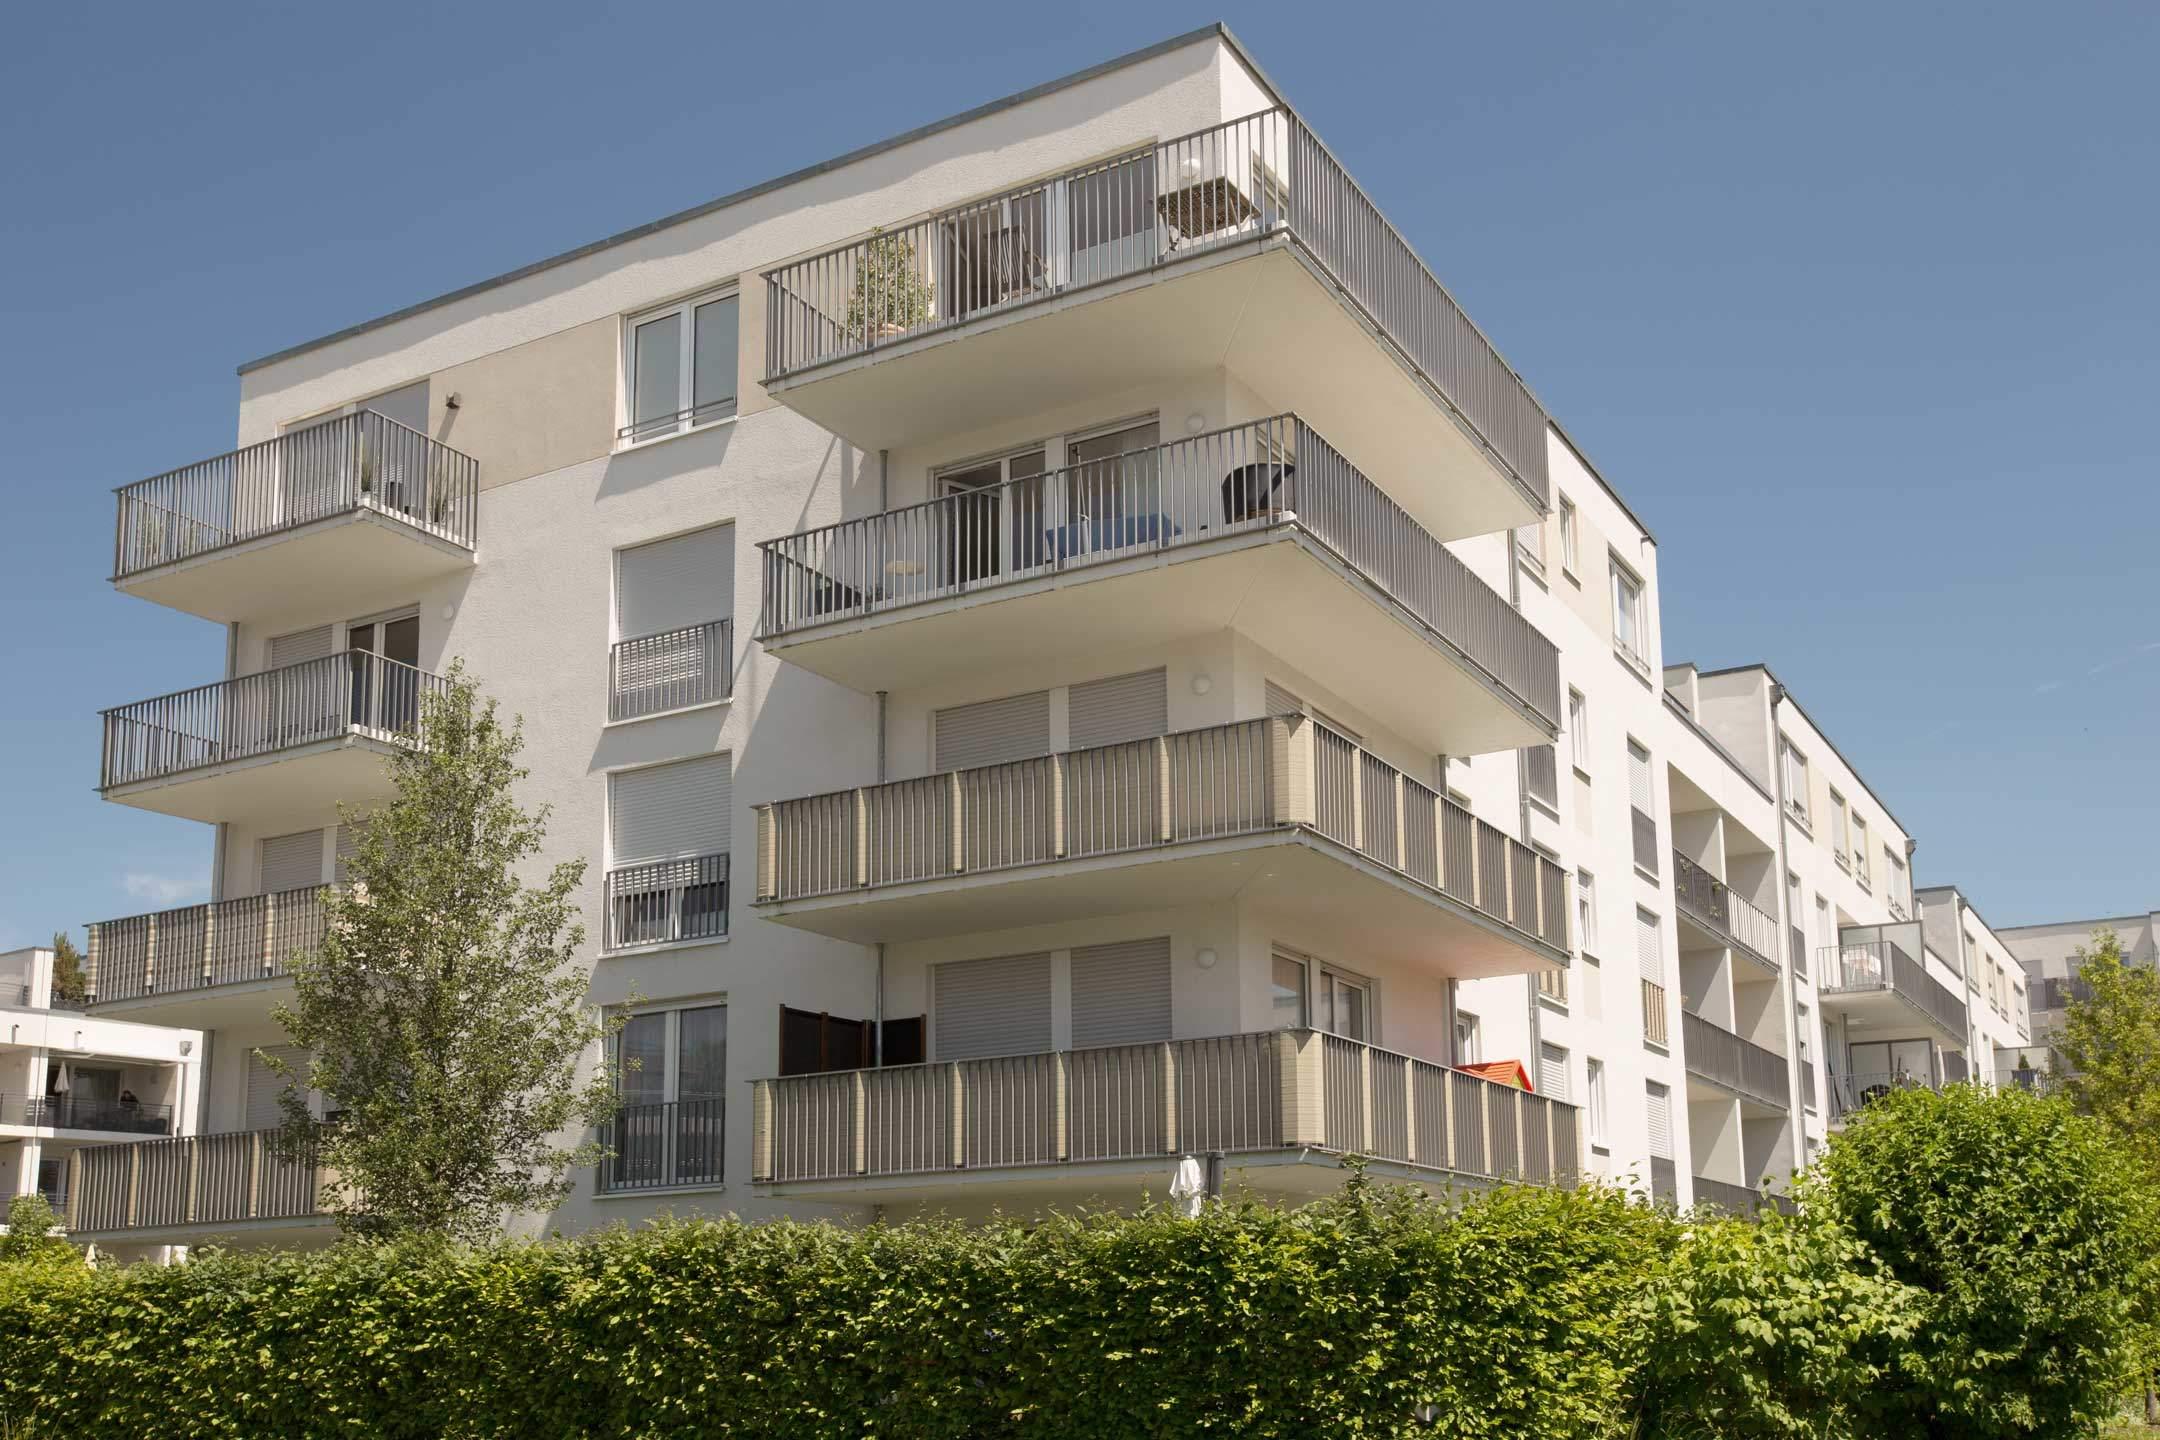 Marktbericht 2019: Immobilienpreise in München Haidhausen